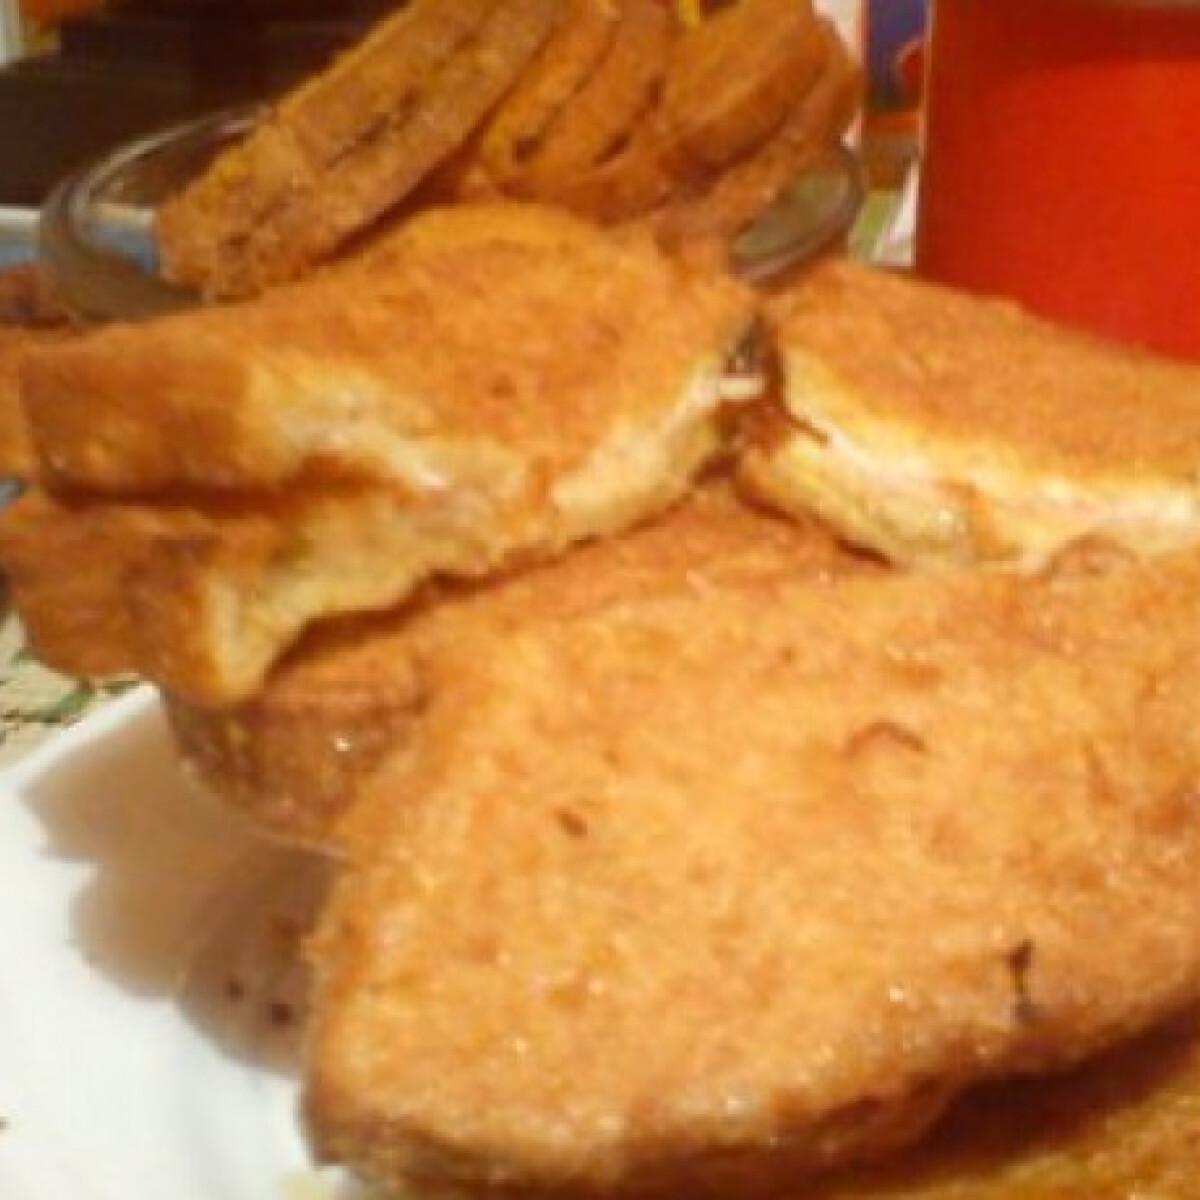 Töltött bundás kenyér Etuuu konyhájából